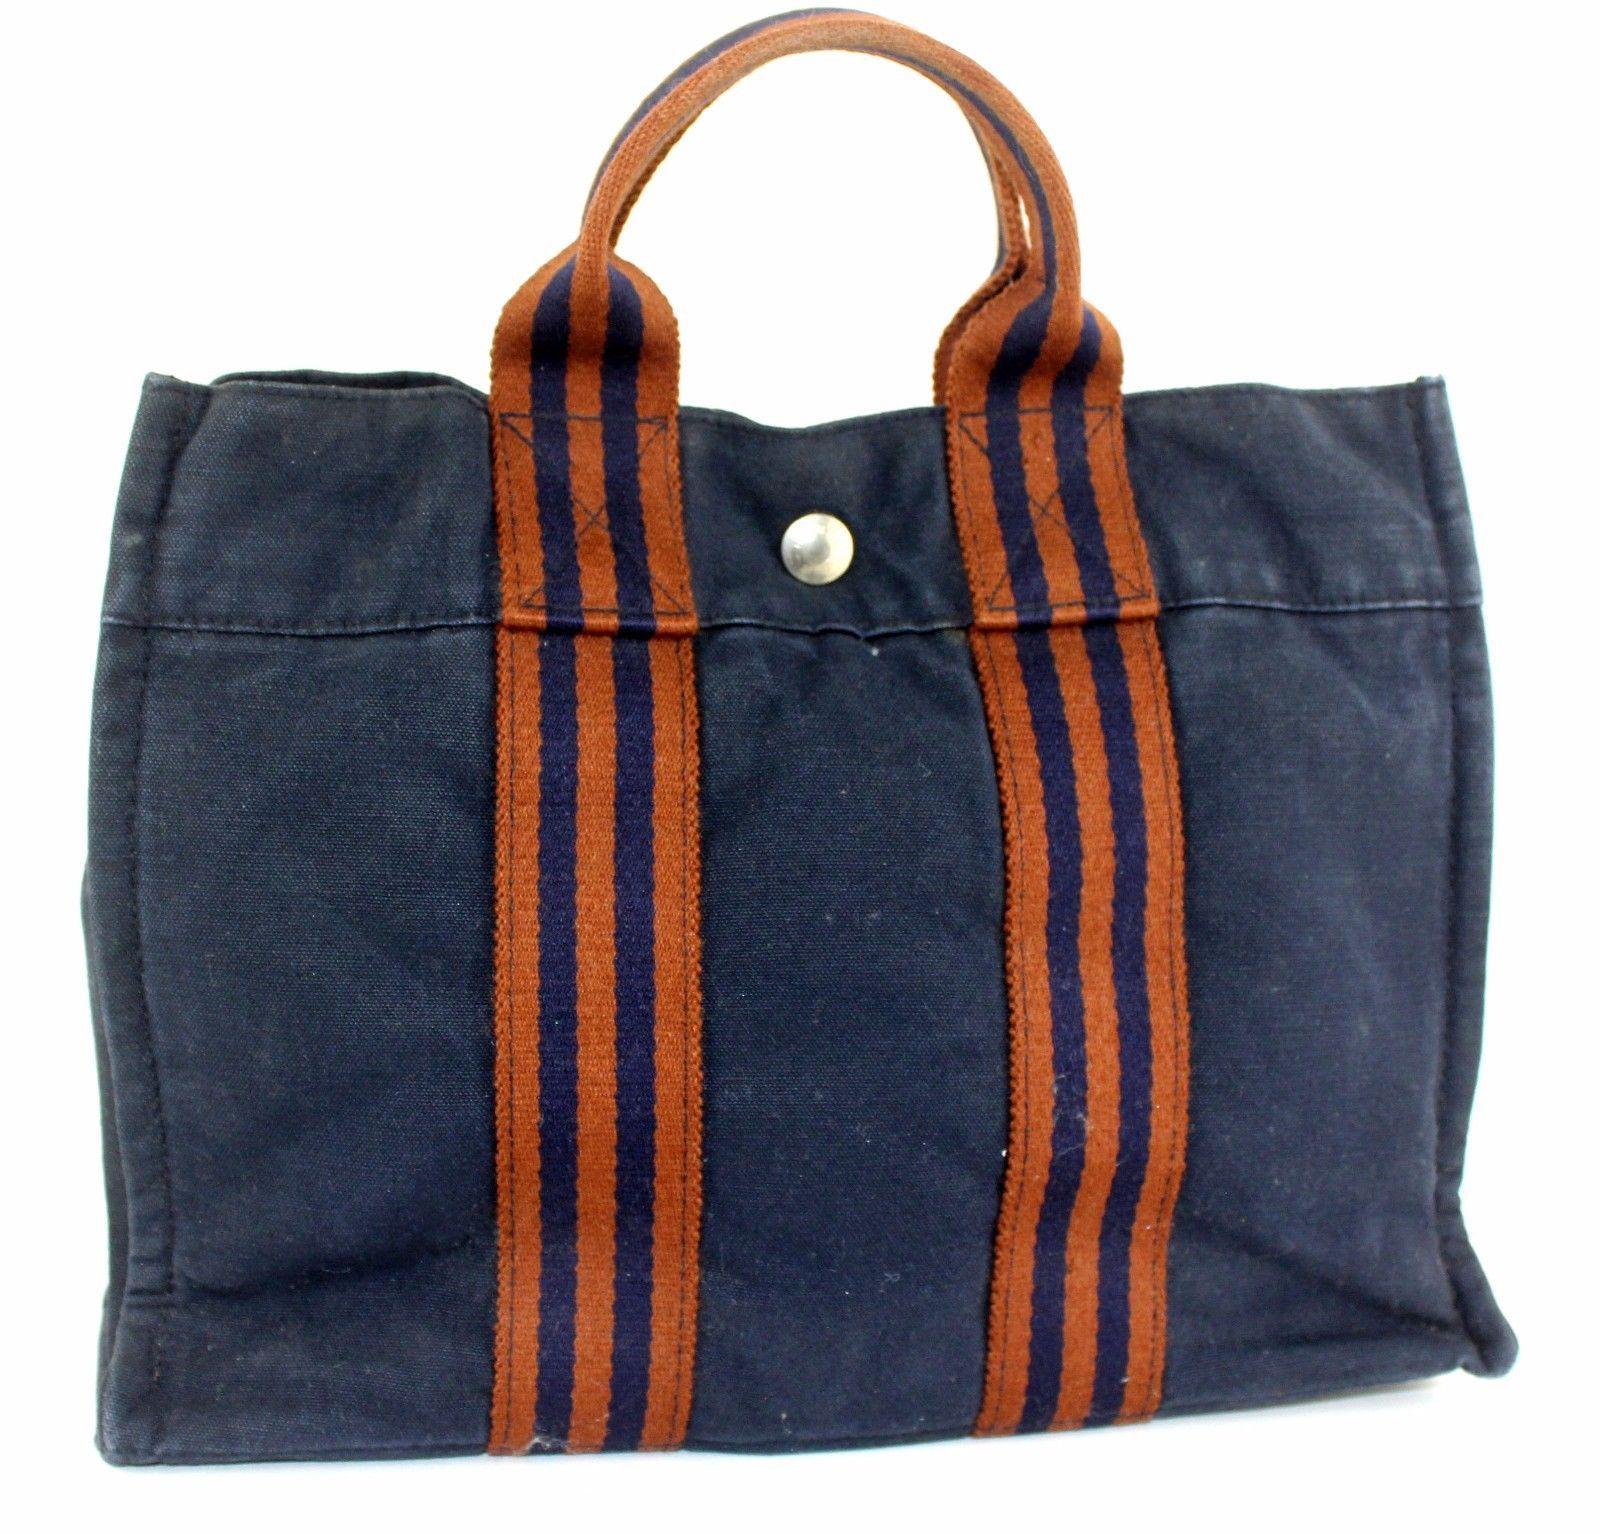 2a8c91a34 57. 57. Previous. 100%Auth HERMES Paris Fourre Tout MM Navy Canvas 100%Cotton  Tote Small Handbag. 100%Auth HERMES ...